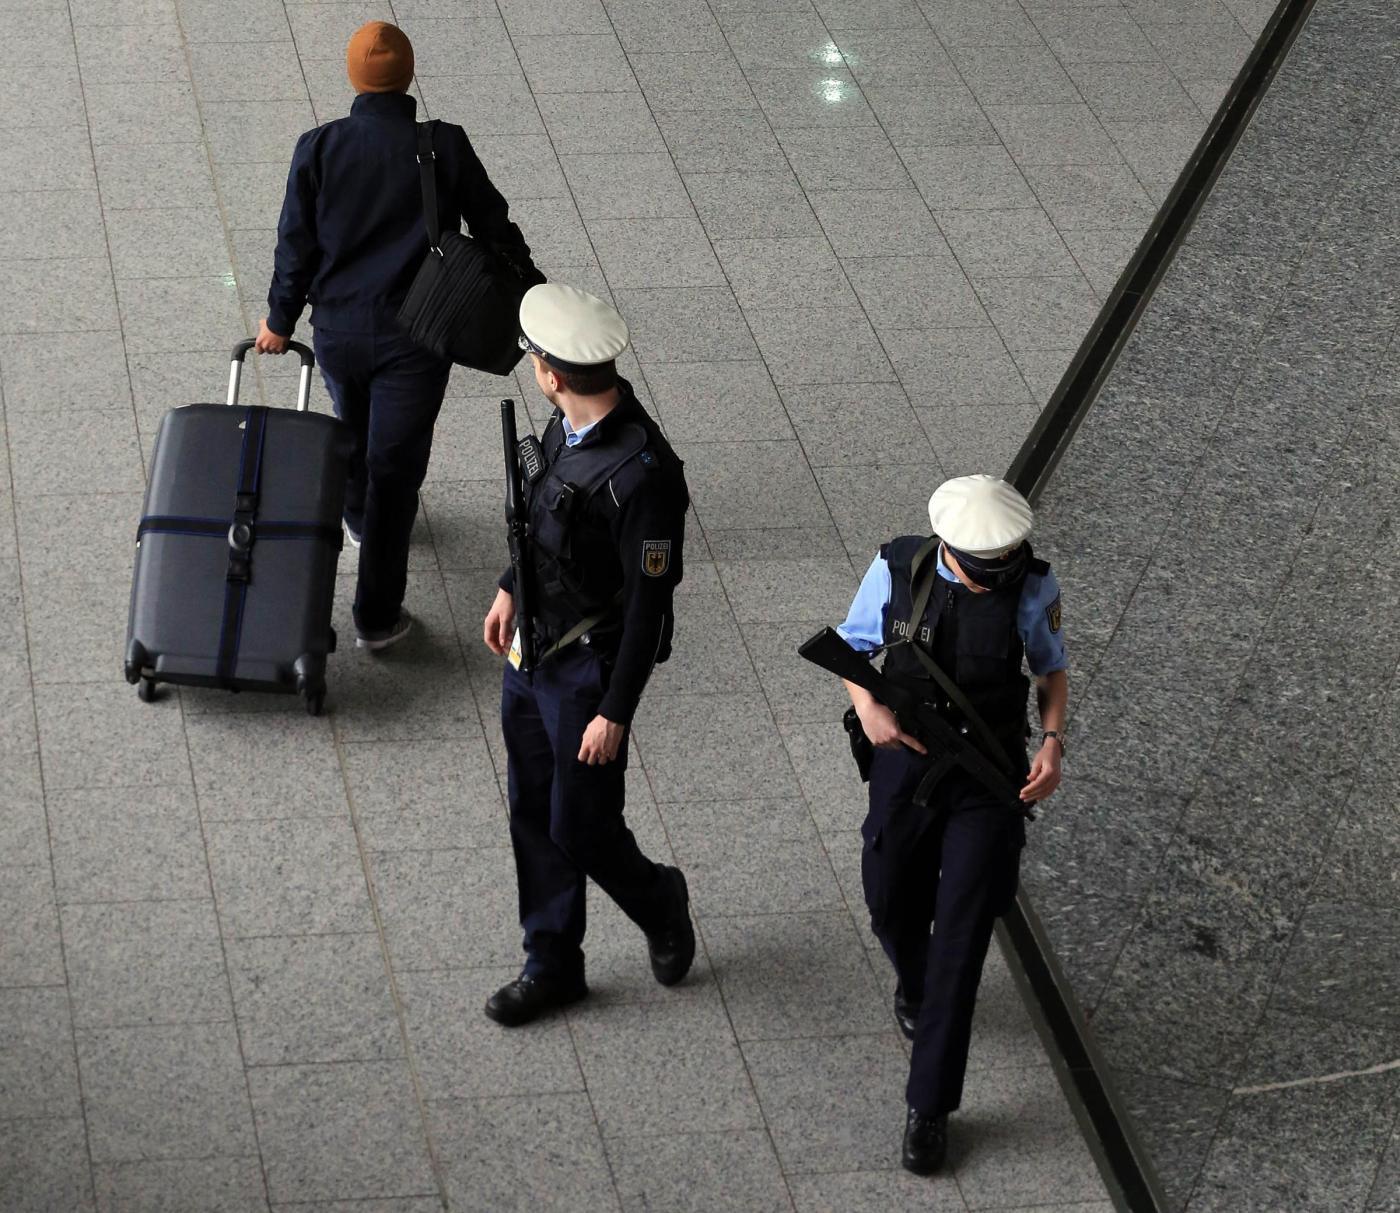 Controlli all'aeroporto di Francoforte dopo attentati Bruxelles